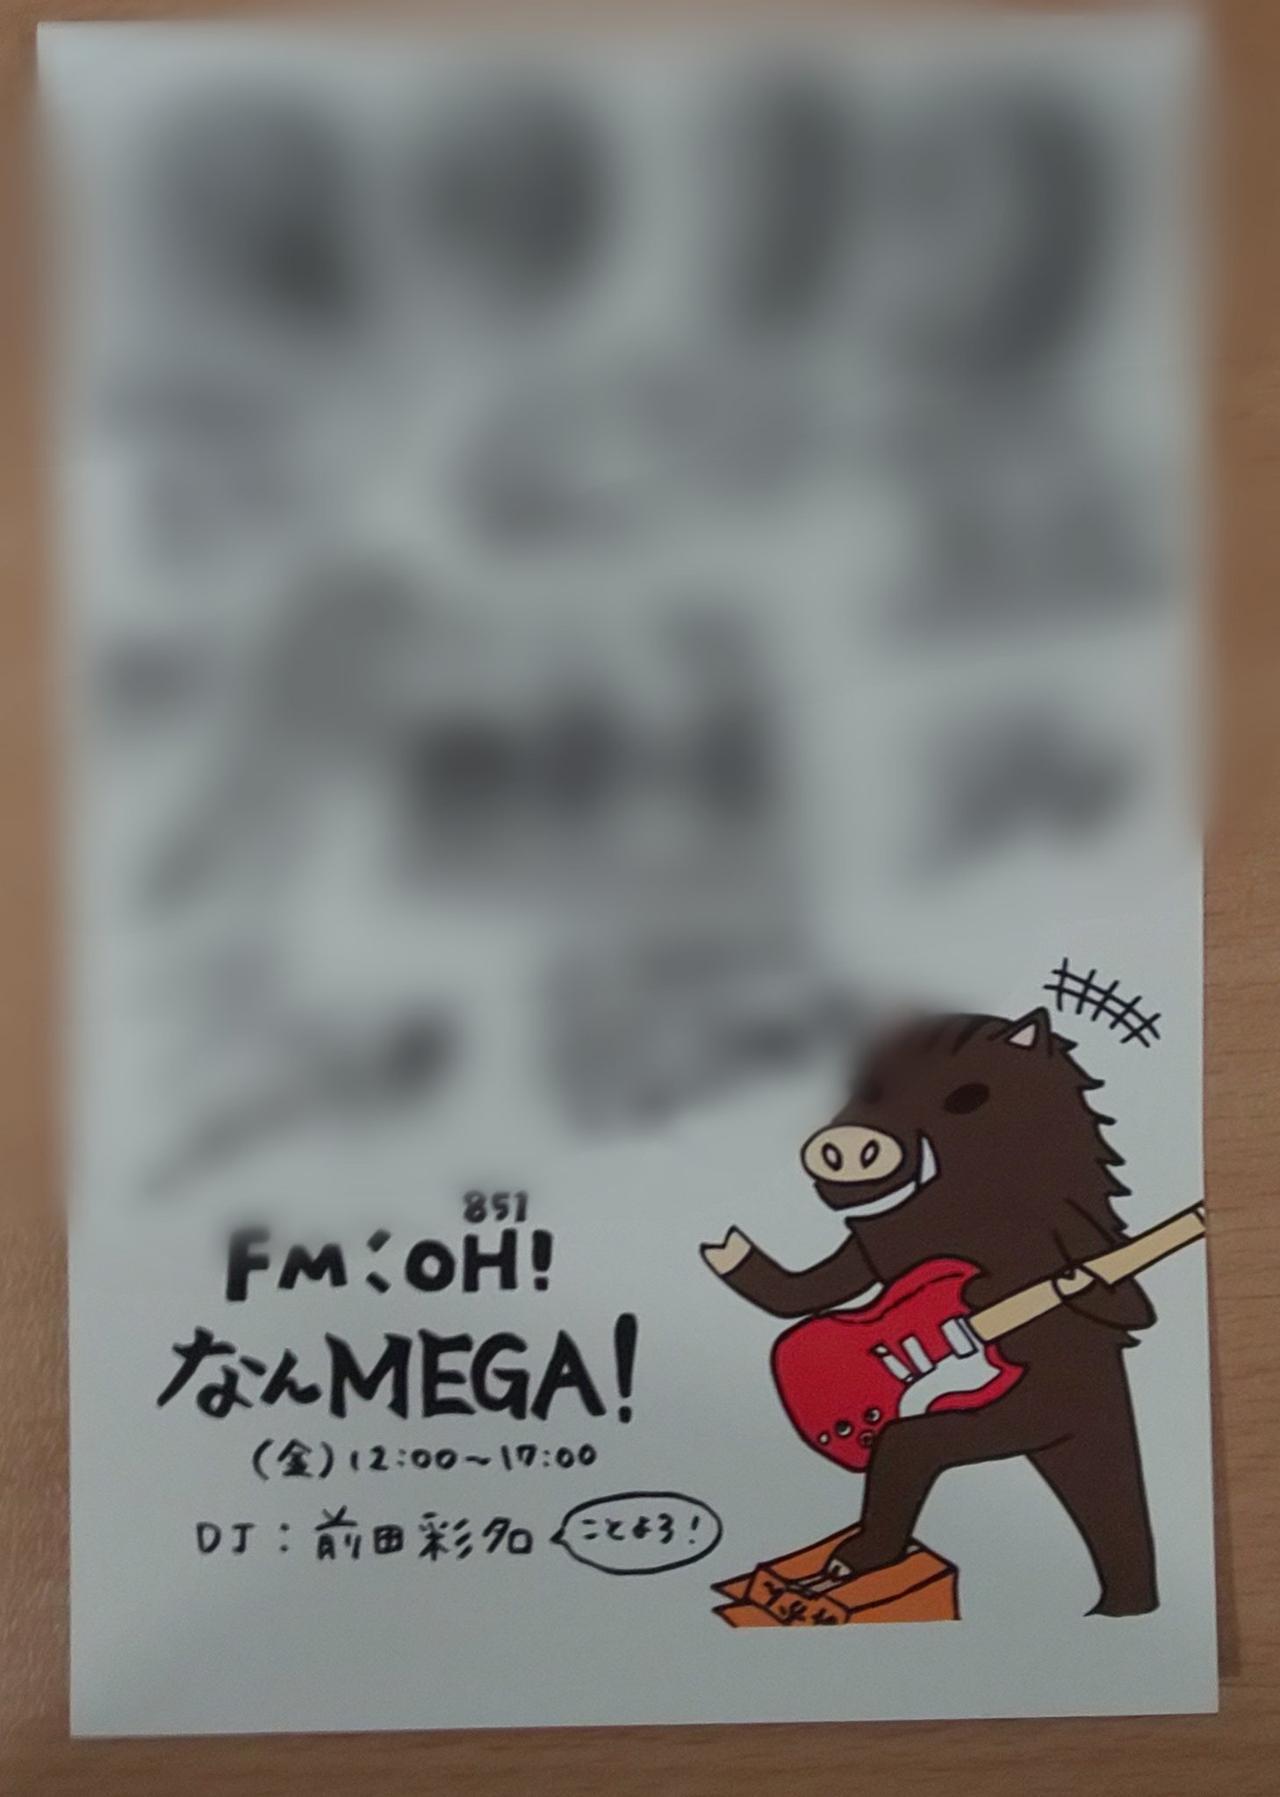 画像28: FM OH! なんMEGA! on Twitter twitter.com